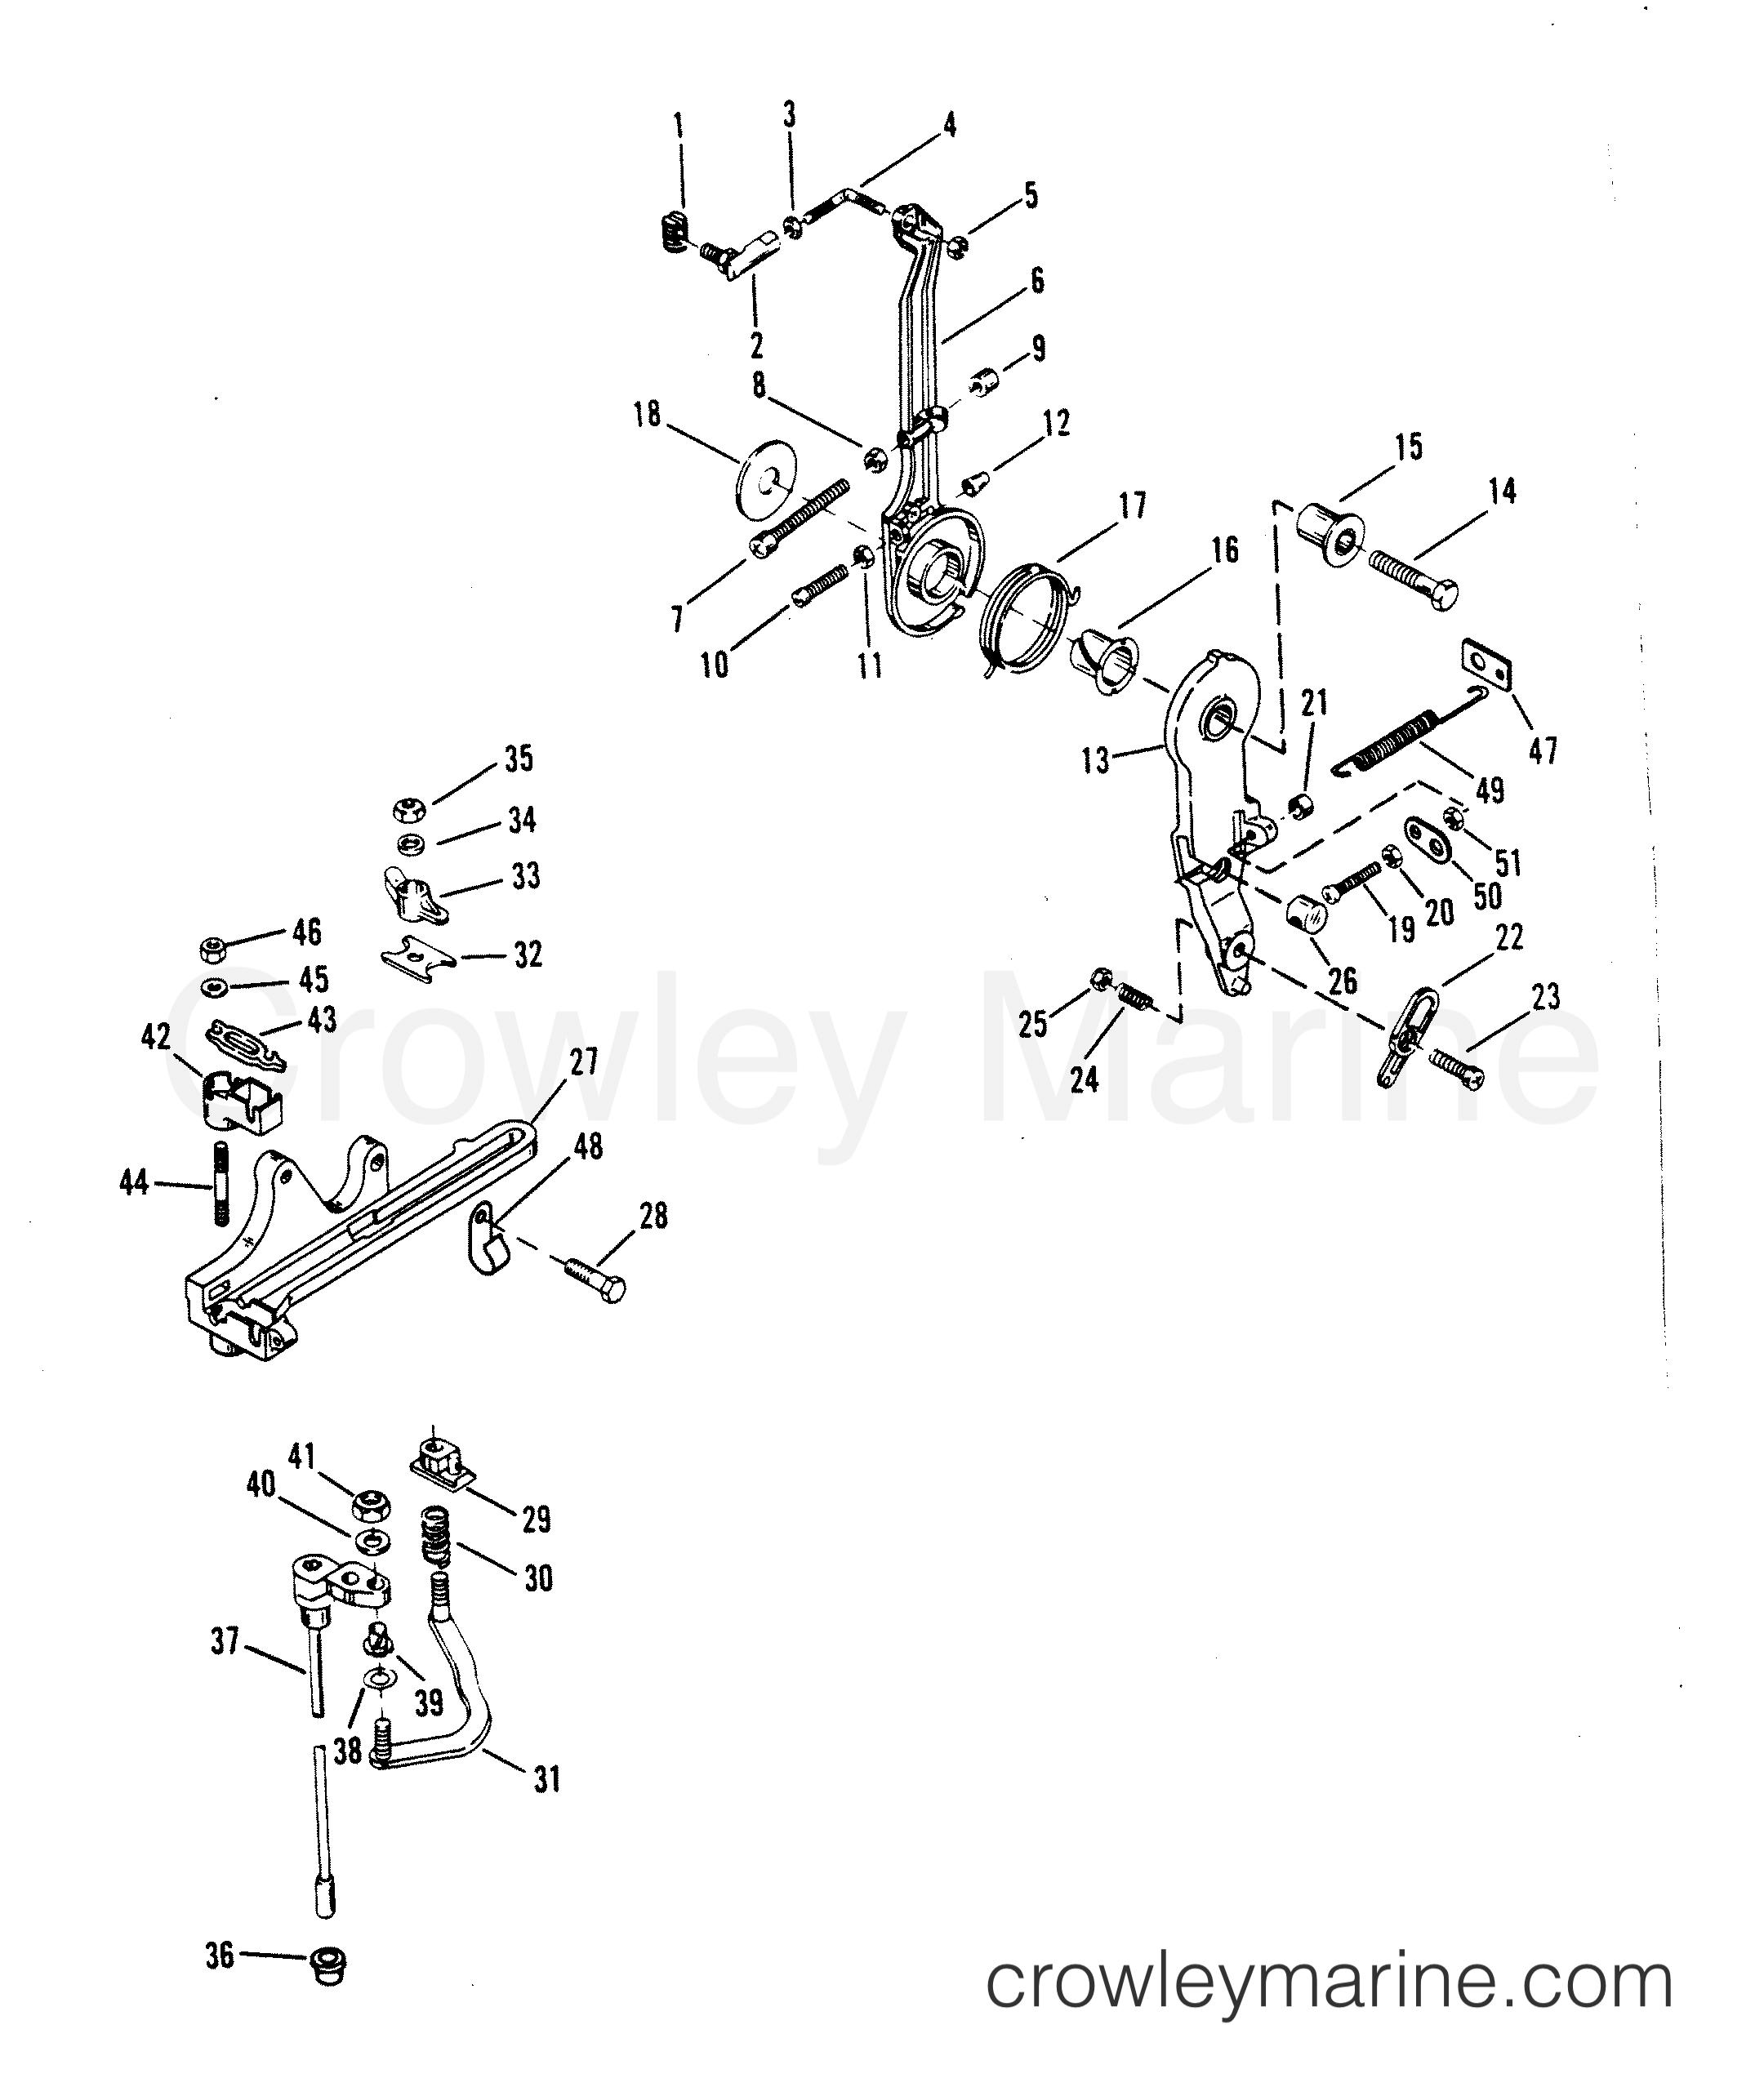 1993 Hors-bord de course Mercury 2.5 [L EFI] - 7925211BH - LEVIER D'ACCÉLÉRATEUR ET ARBRE DE COMMANDE section